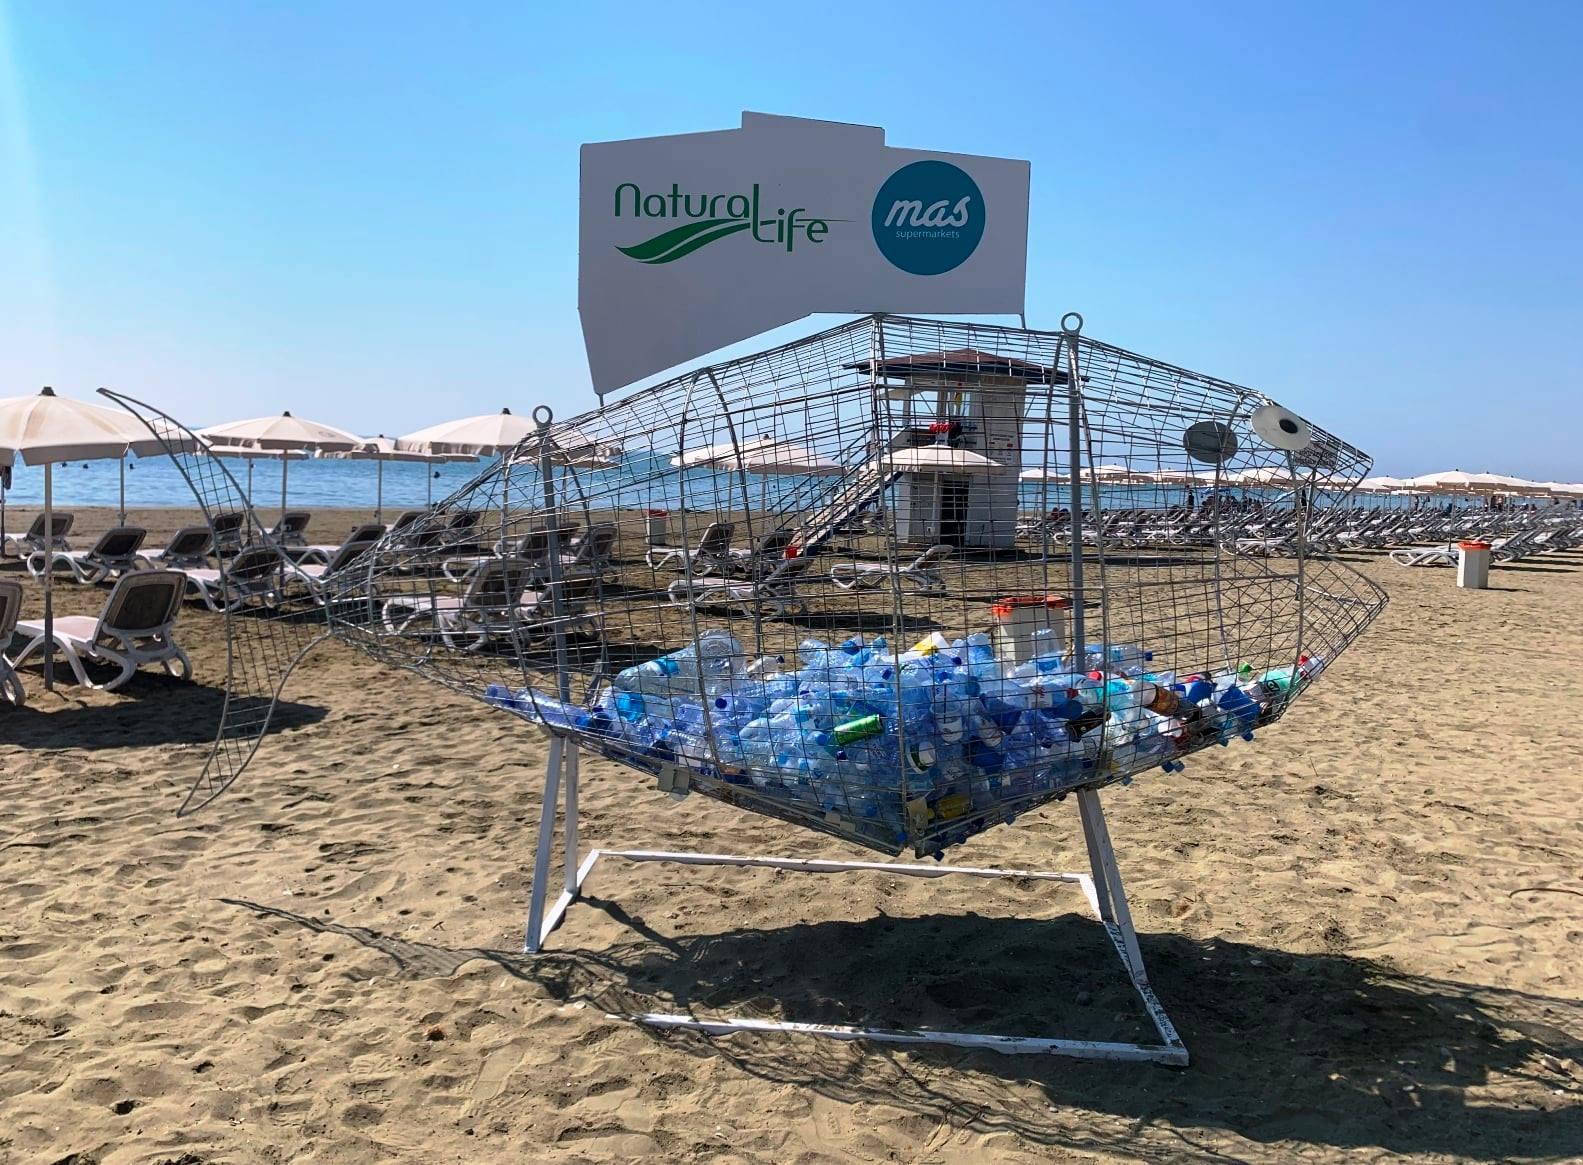 Μεταλλικό ανακυκλώψαρο τοποθετήθηκε στην παραλία Μακένζι στη Λάρνακα